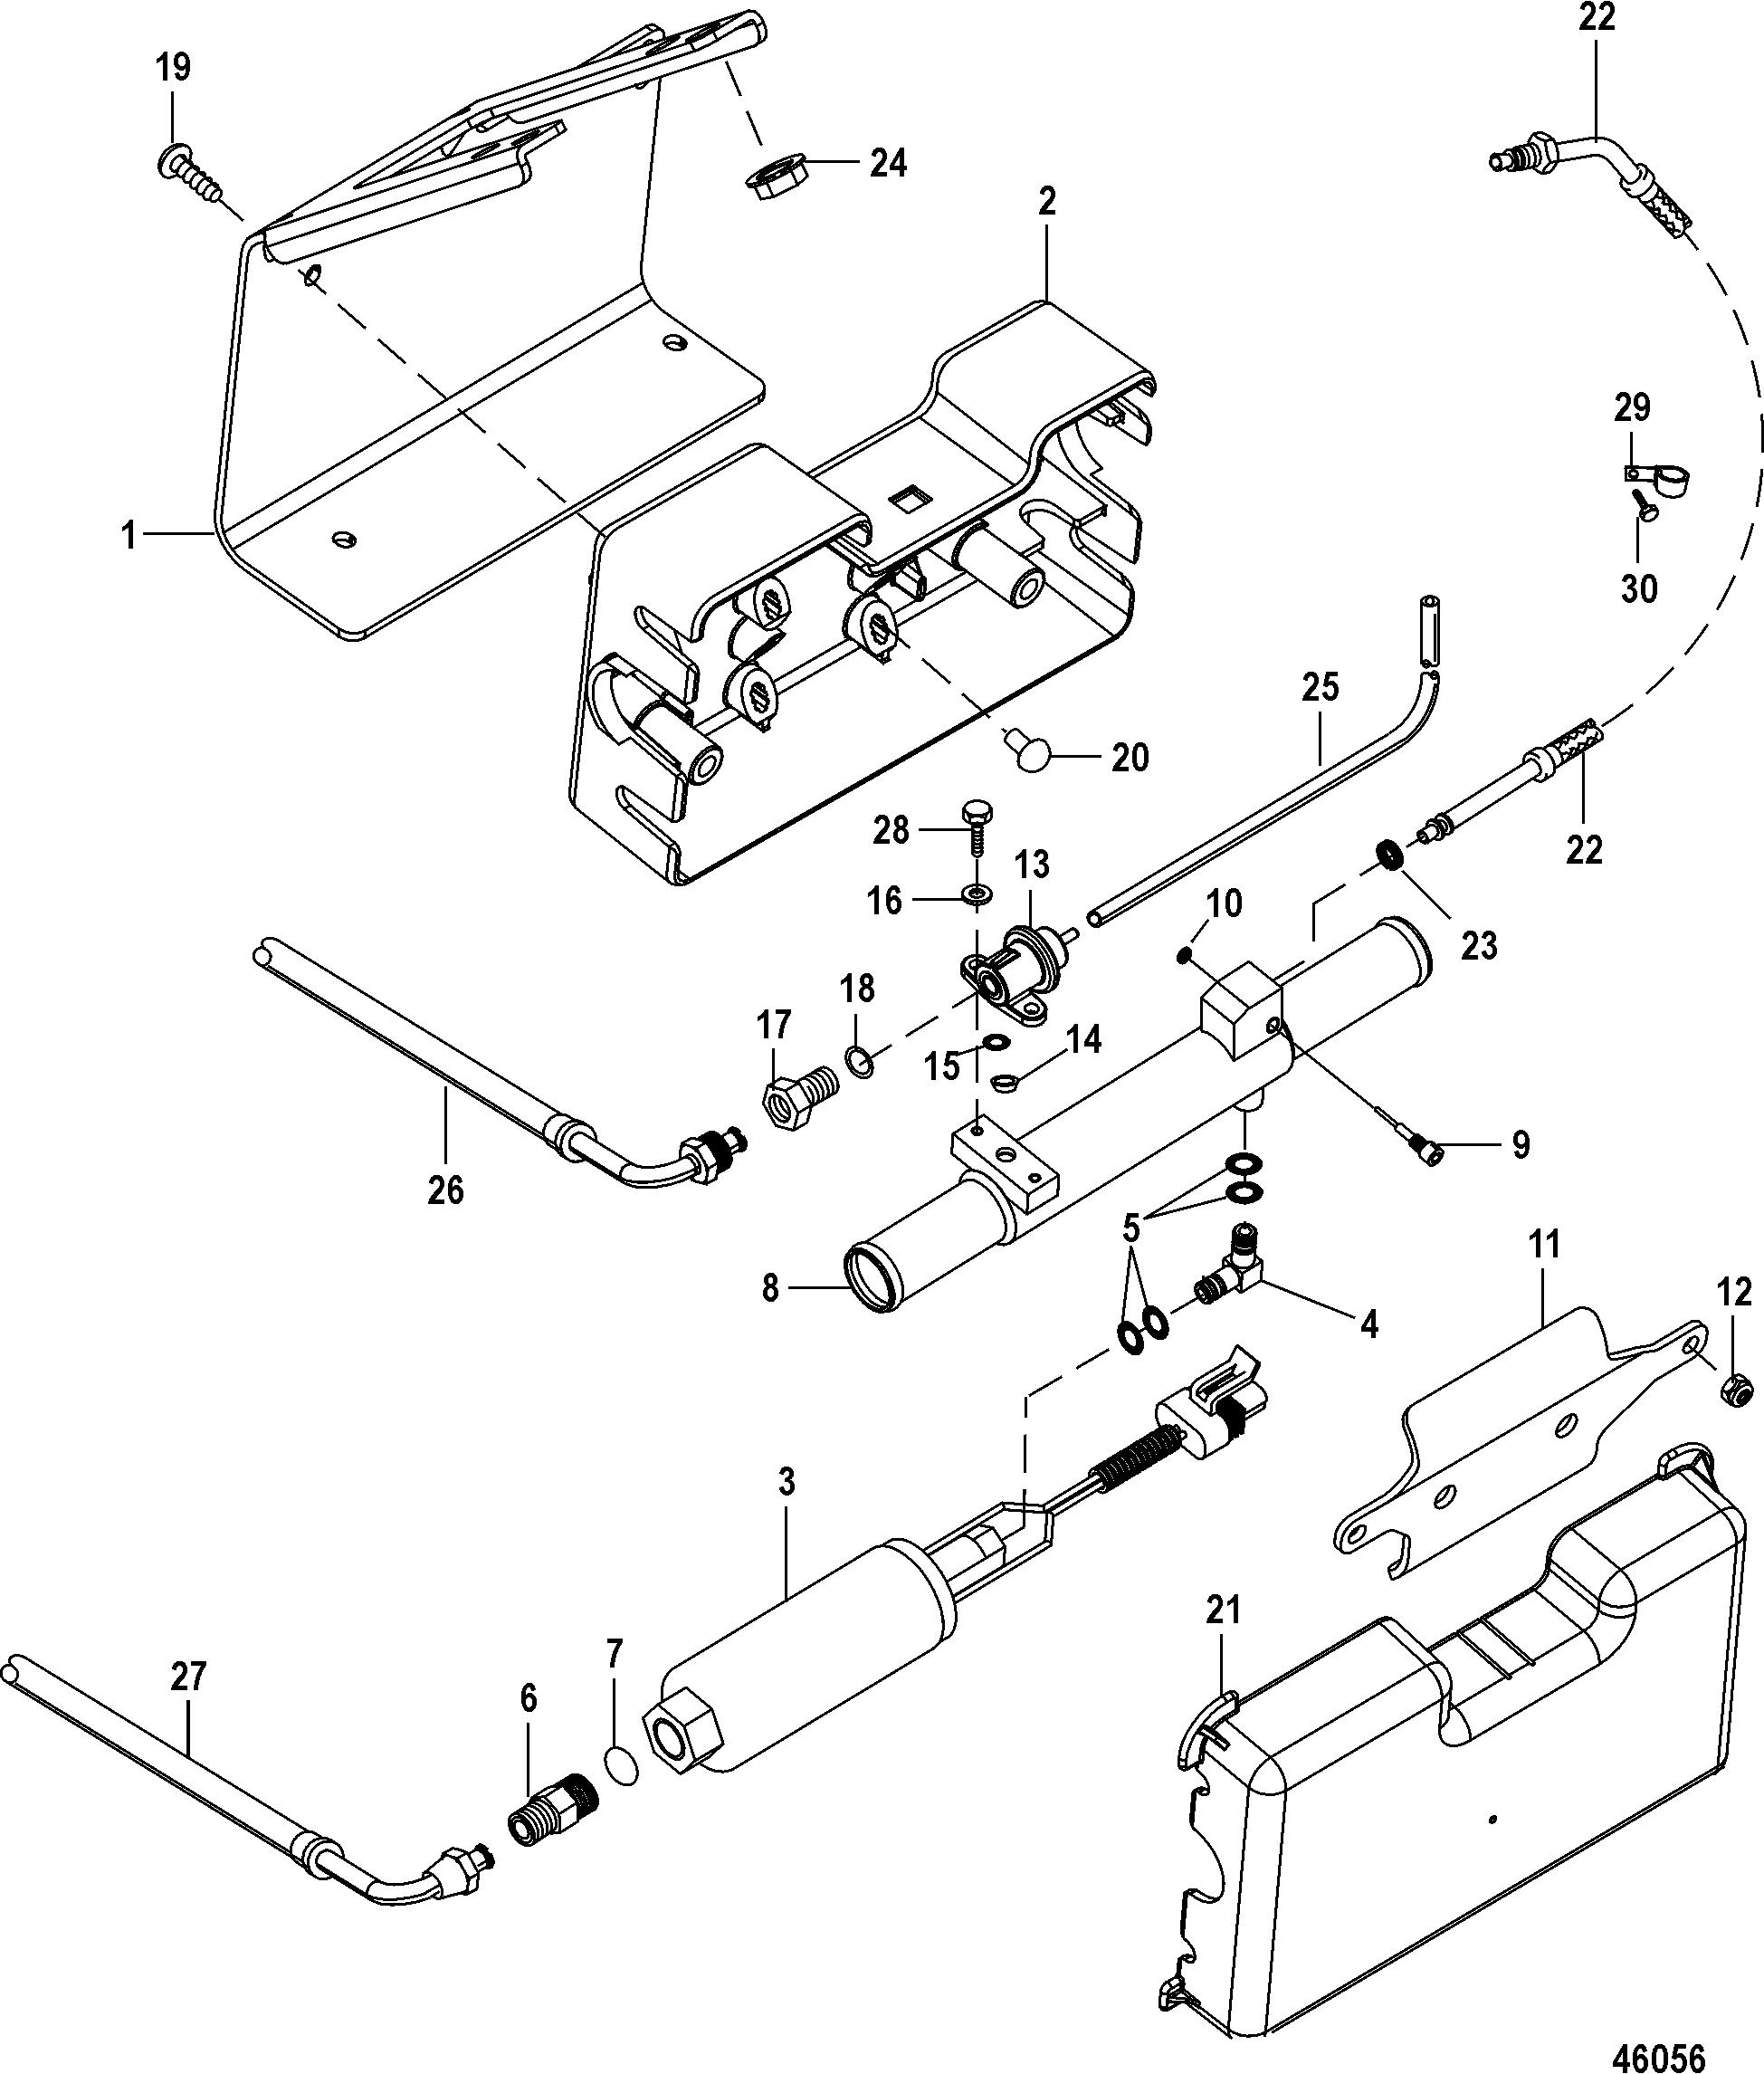 fuel pump and fuel cooler for mercruiser 4 3l mpi alpha  bravo ec